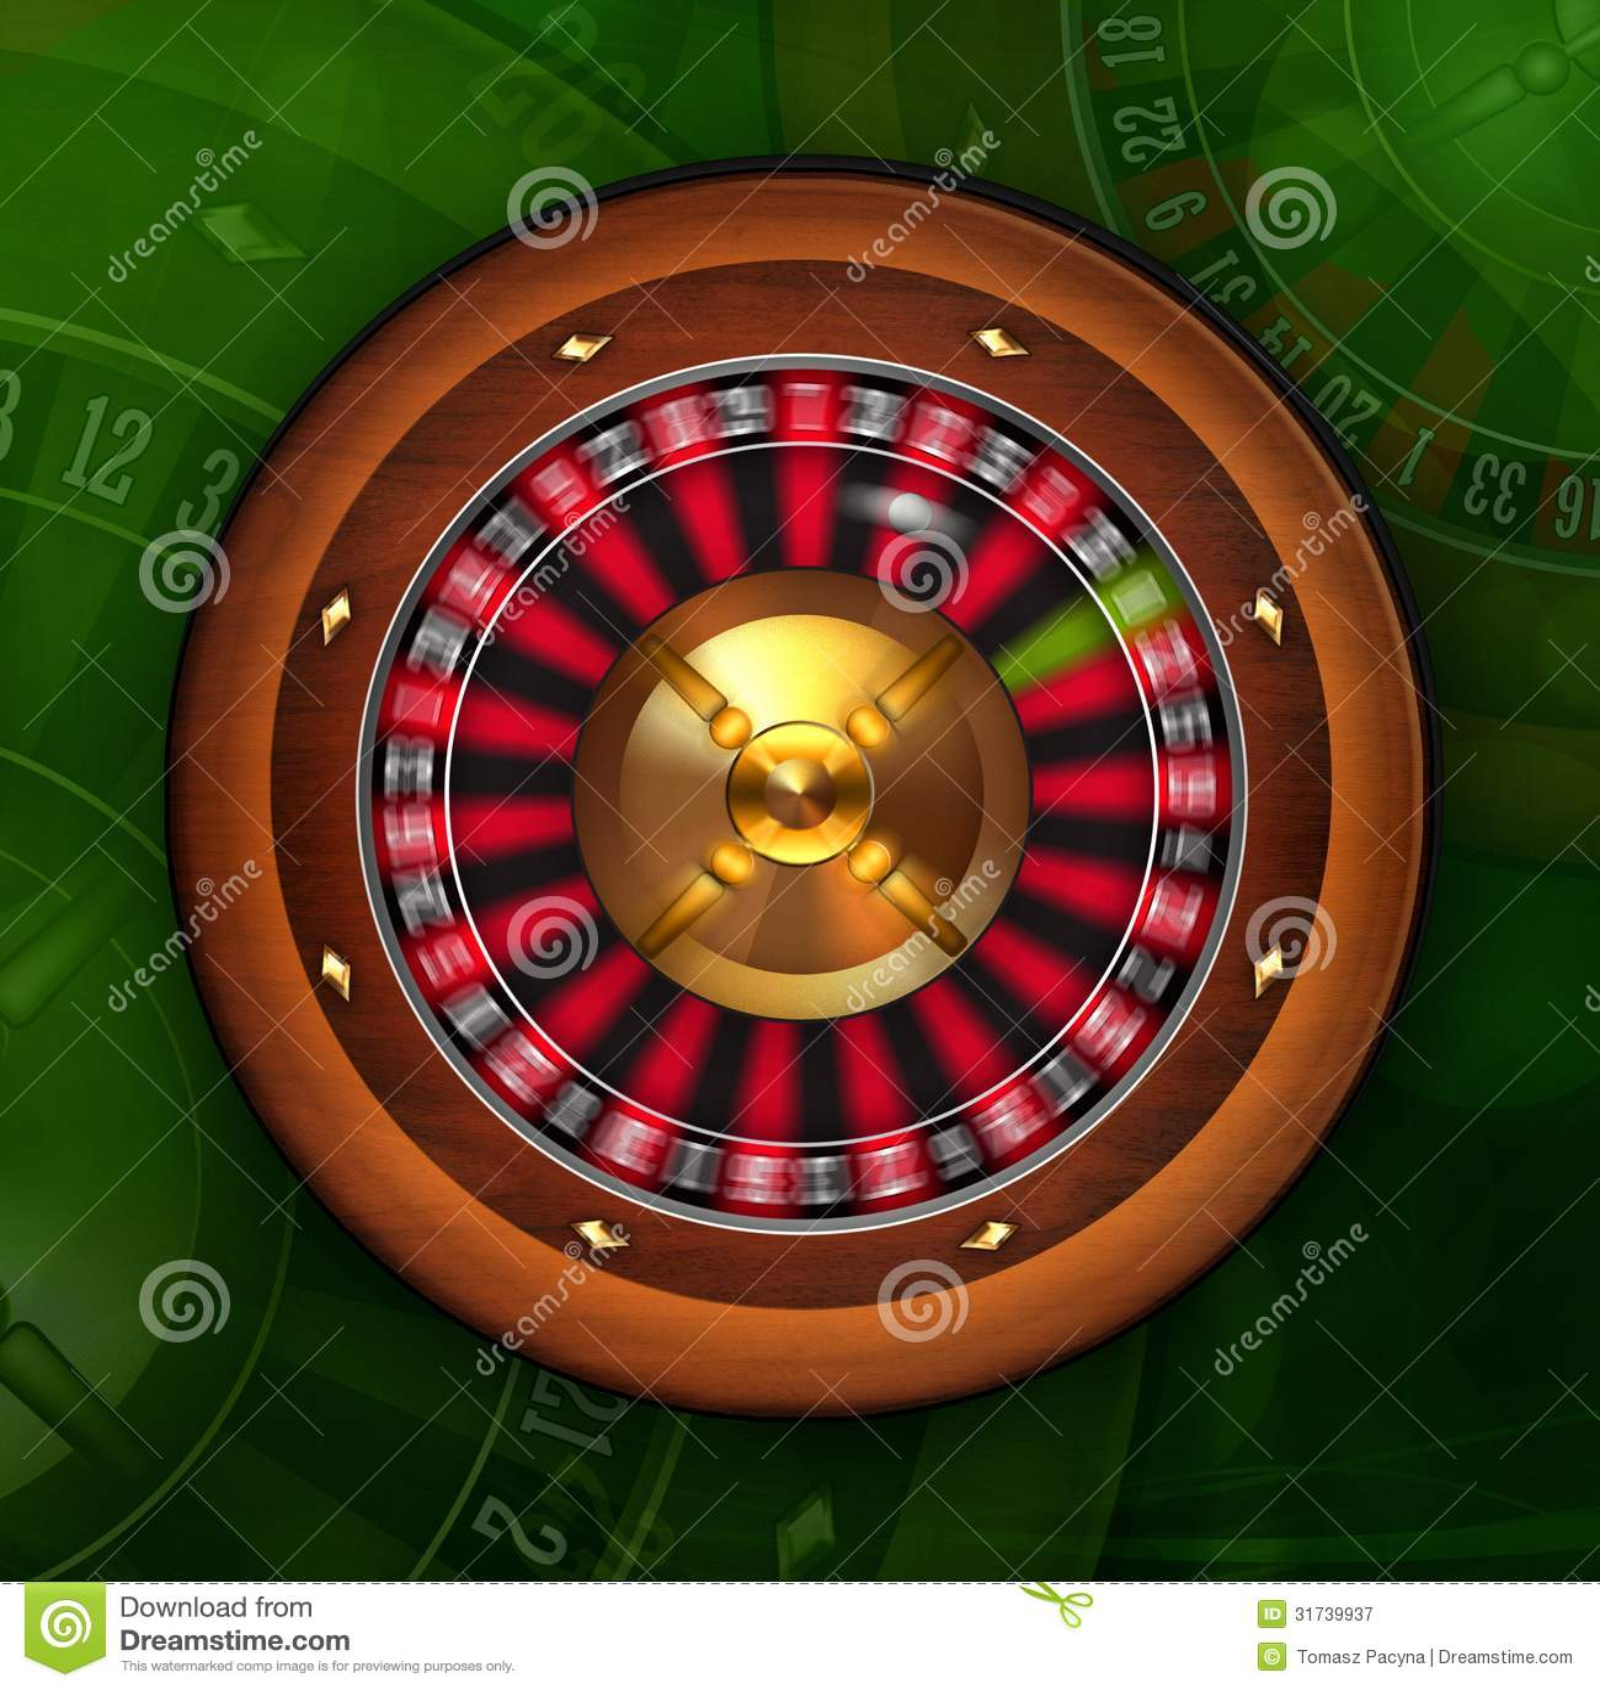 Free online roulette spinner